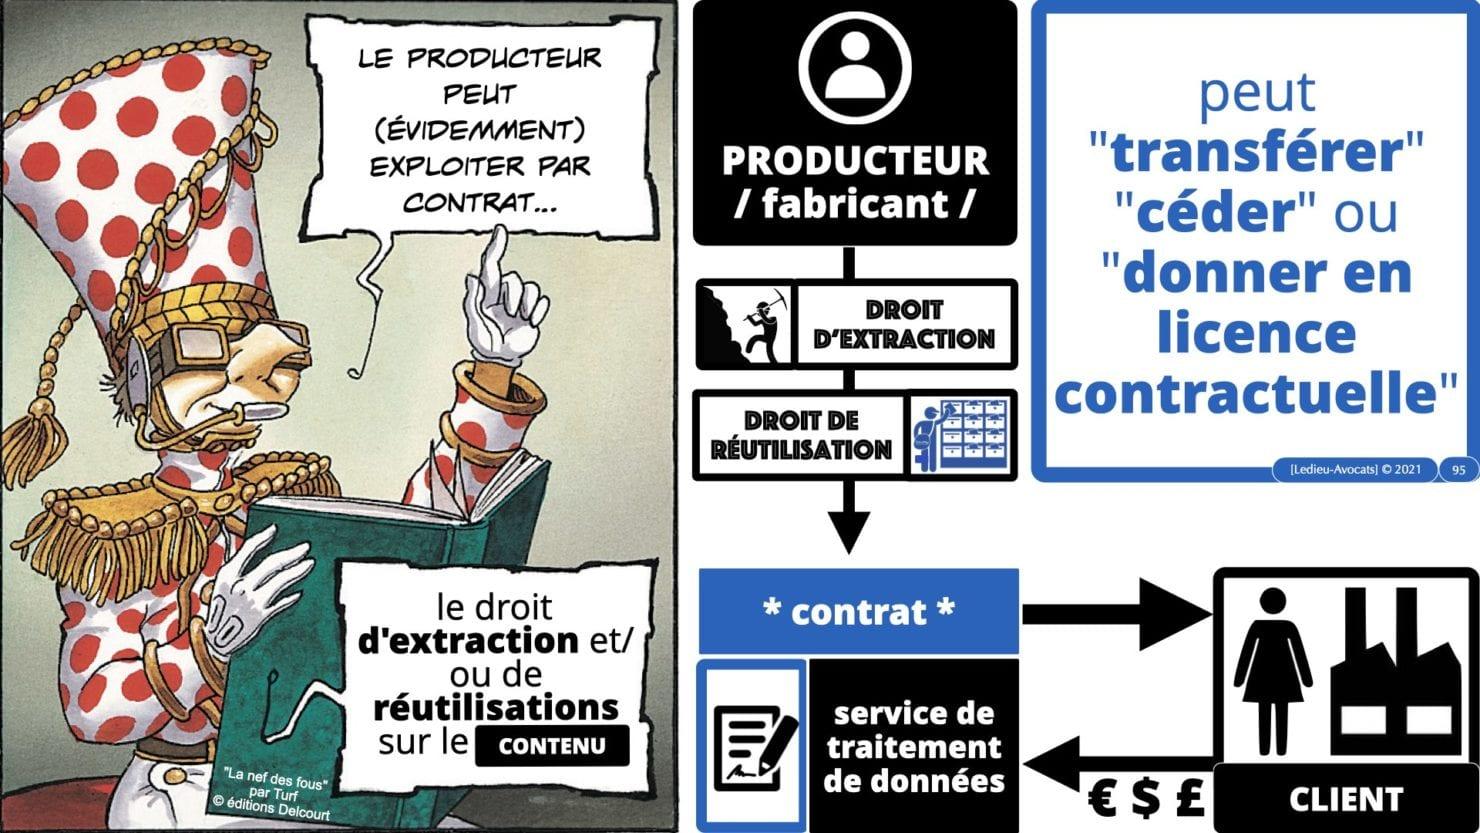 334 extraction indexation BASE DE DONNEES © Ledieu-avocat 24-05-2021.095